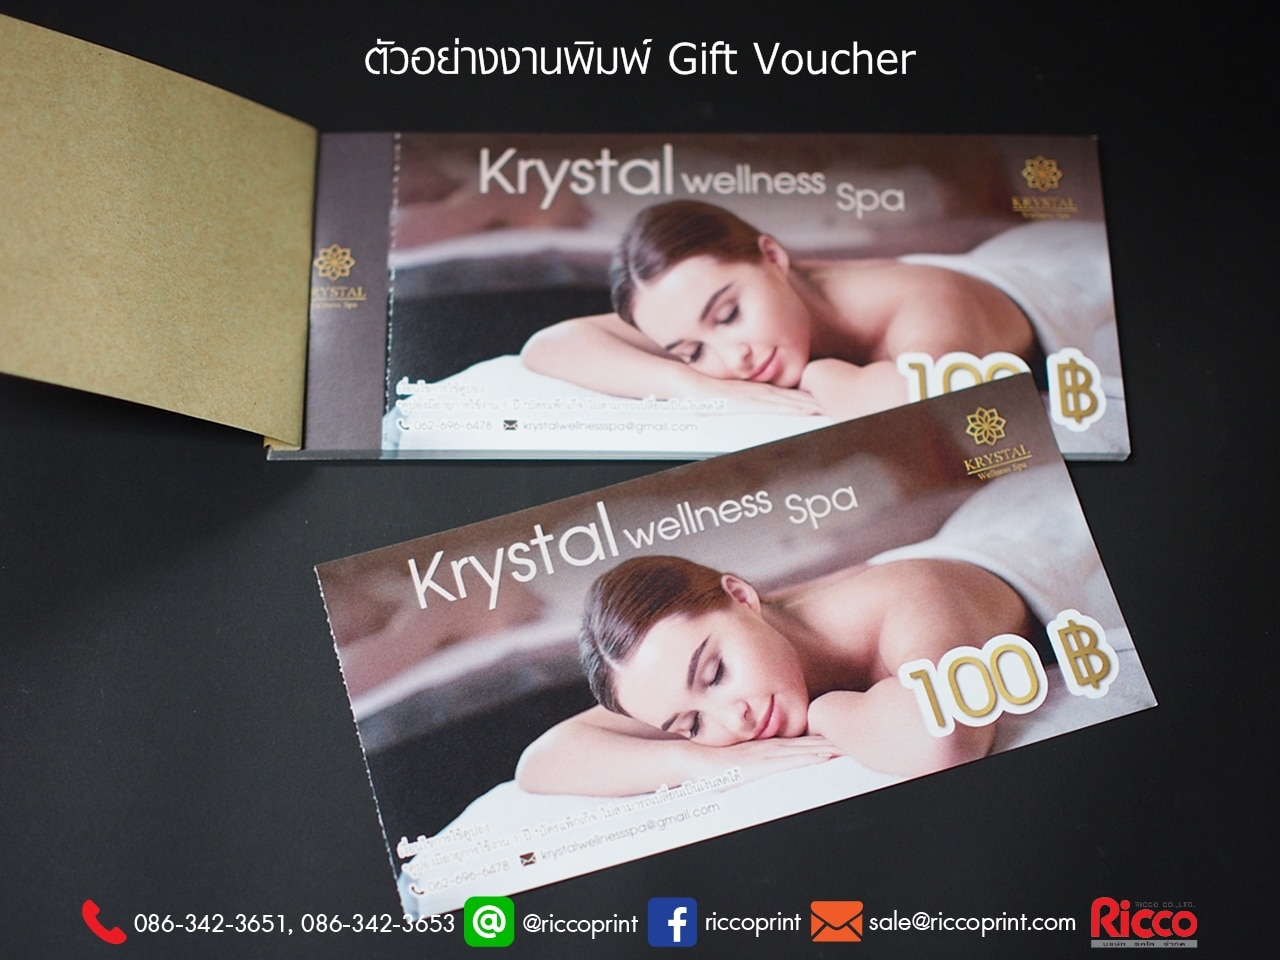 รูป Coupon Gift Voucher 2020 KrystayWellness2 - ประกอบเนื้อหา คูปอง บัตรกำนัล ตั๋ว